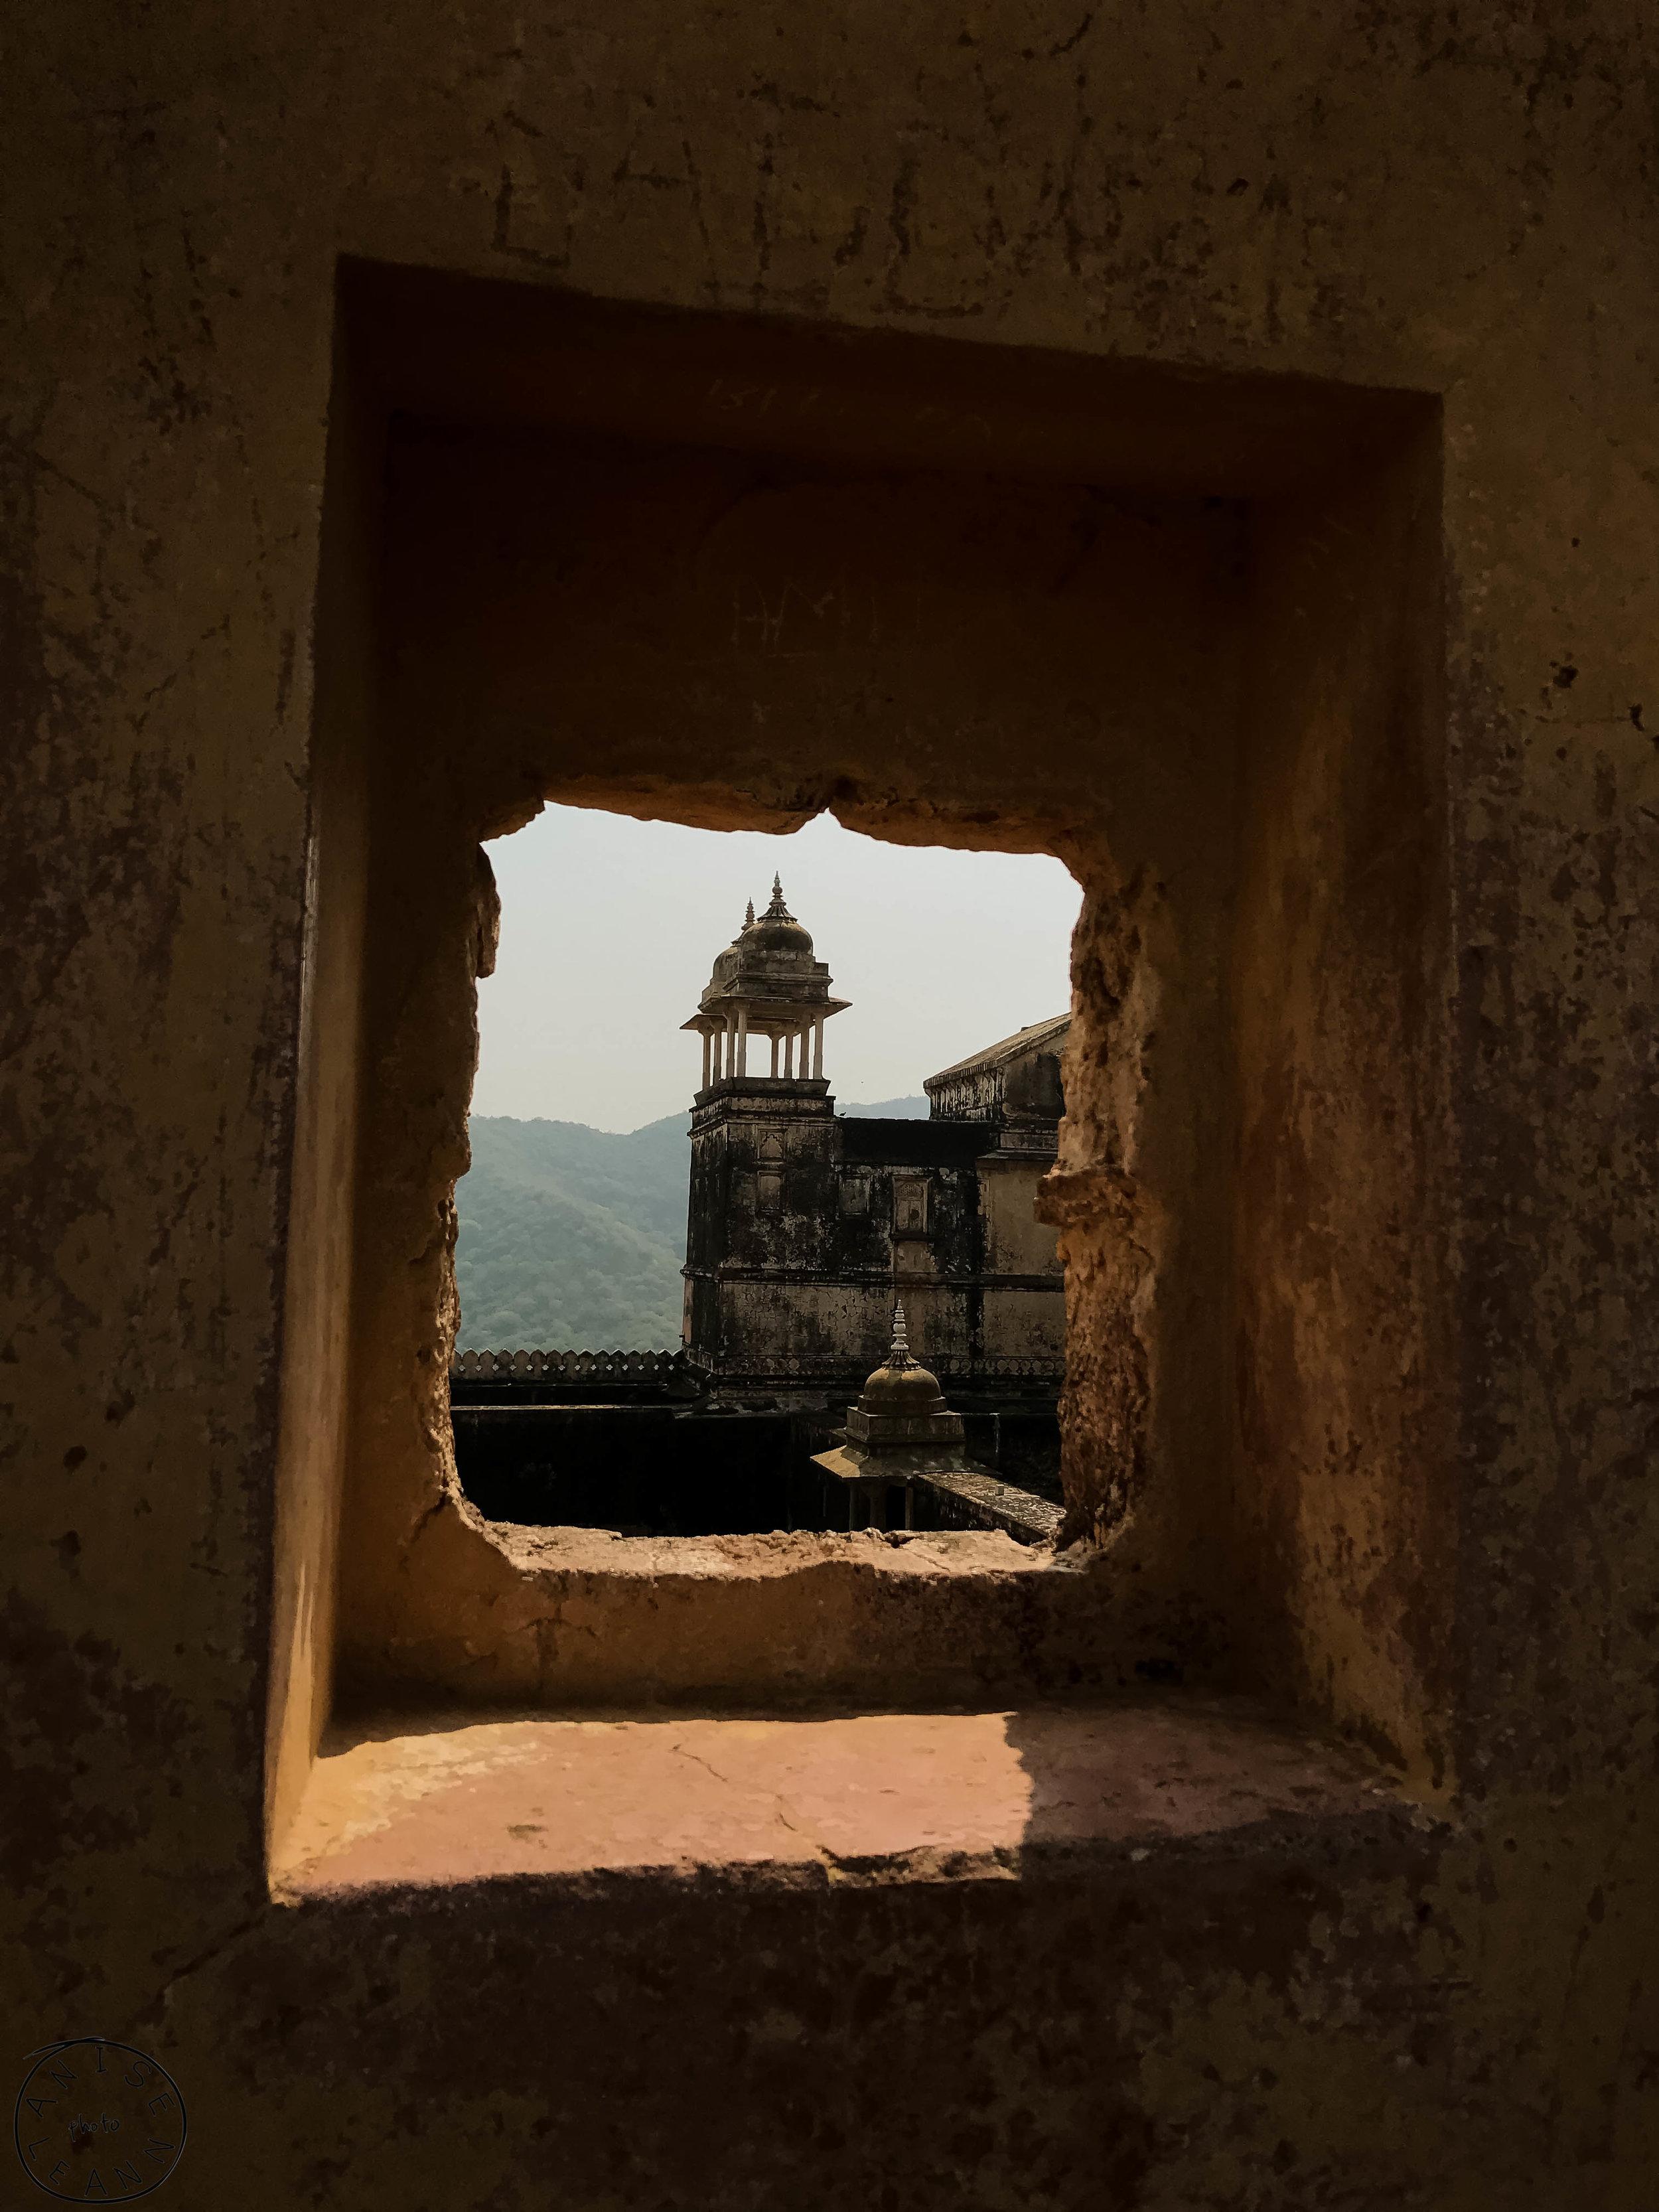 India-Jaipur-Day2-56.jpg